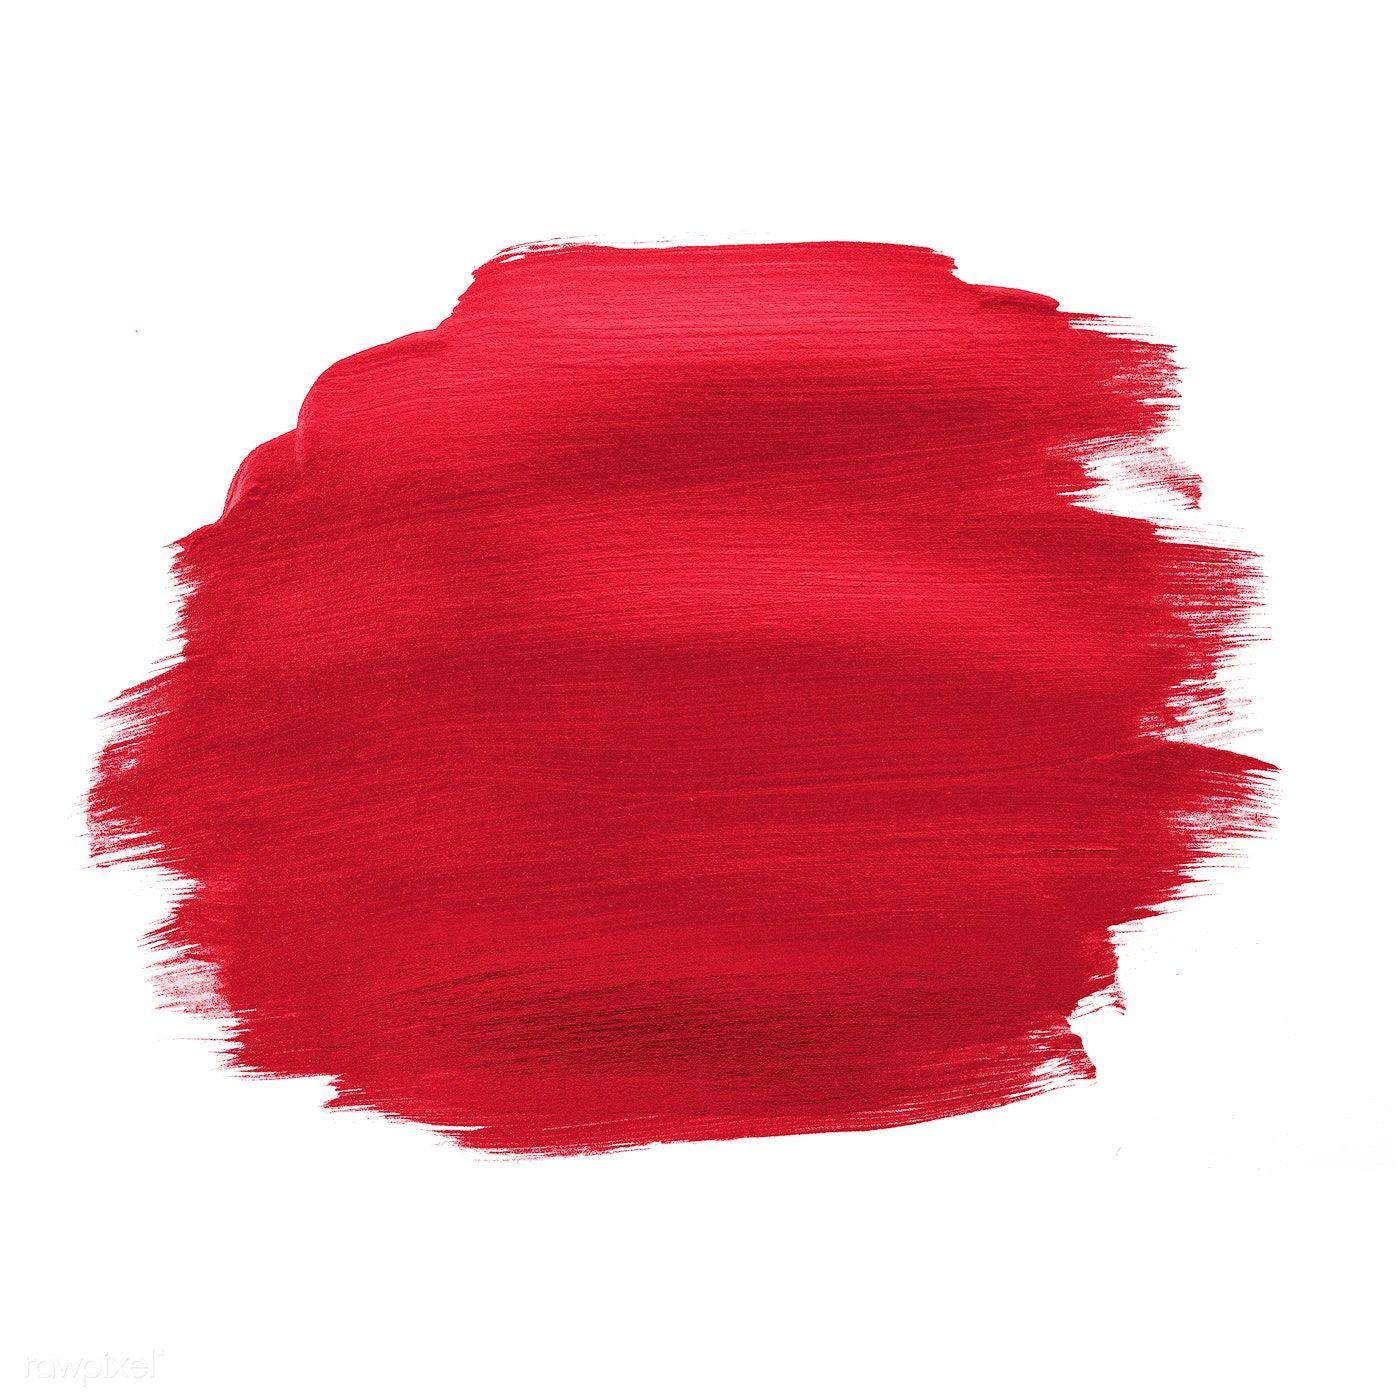 Download Premium Psd Of Festive Shimmery Red Brush Stroke 552735 Brush Background Brush Strokes Pattern Brush Strokes